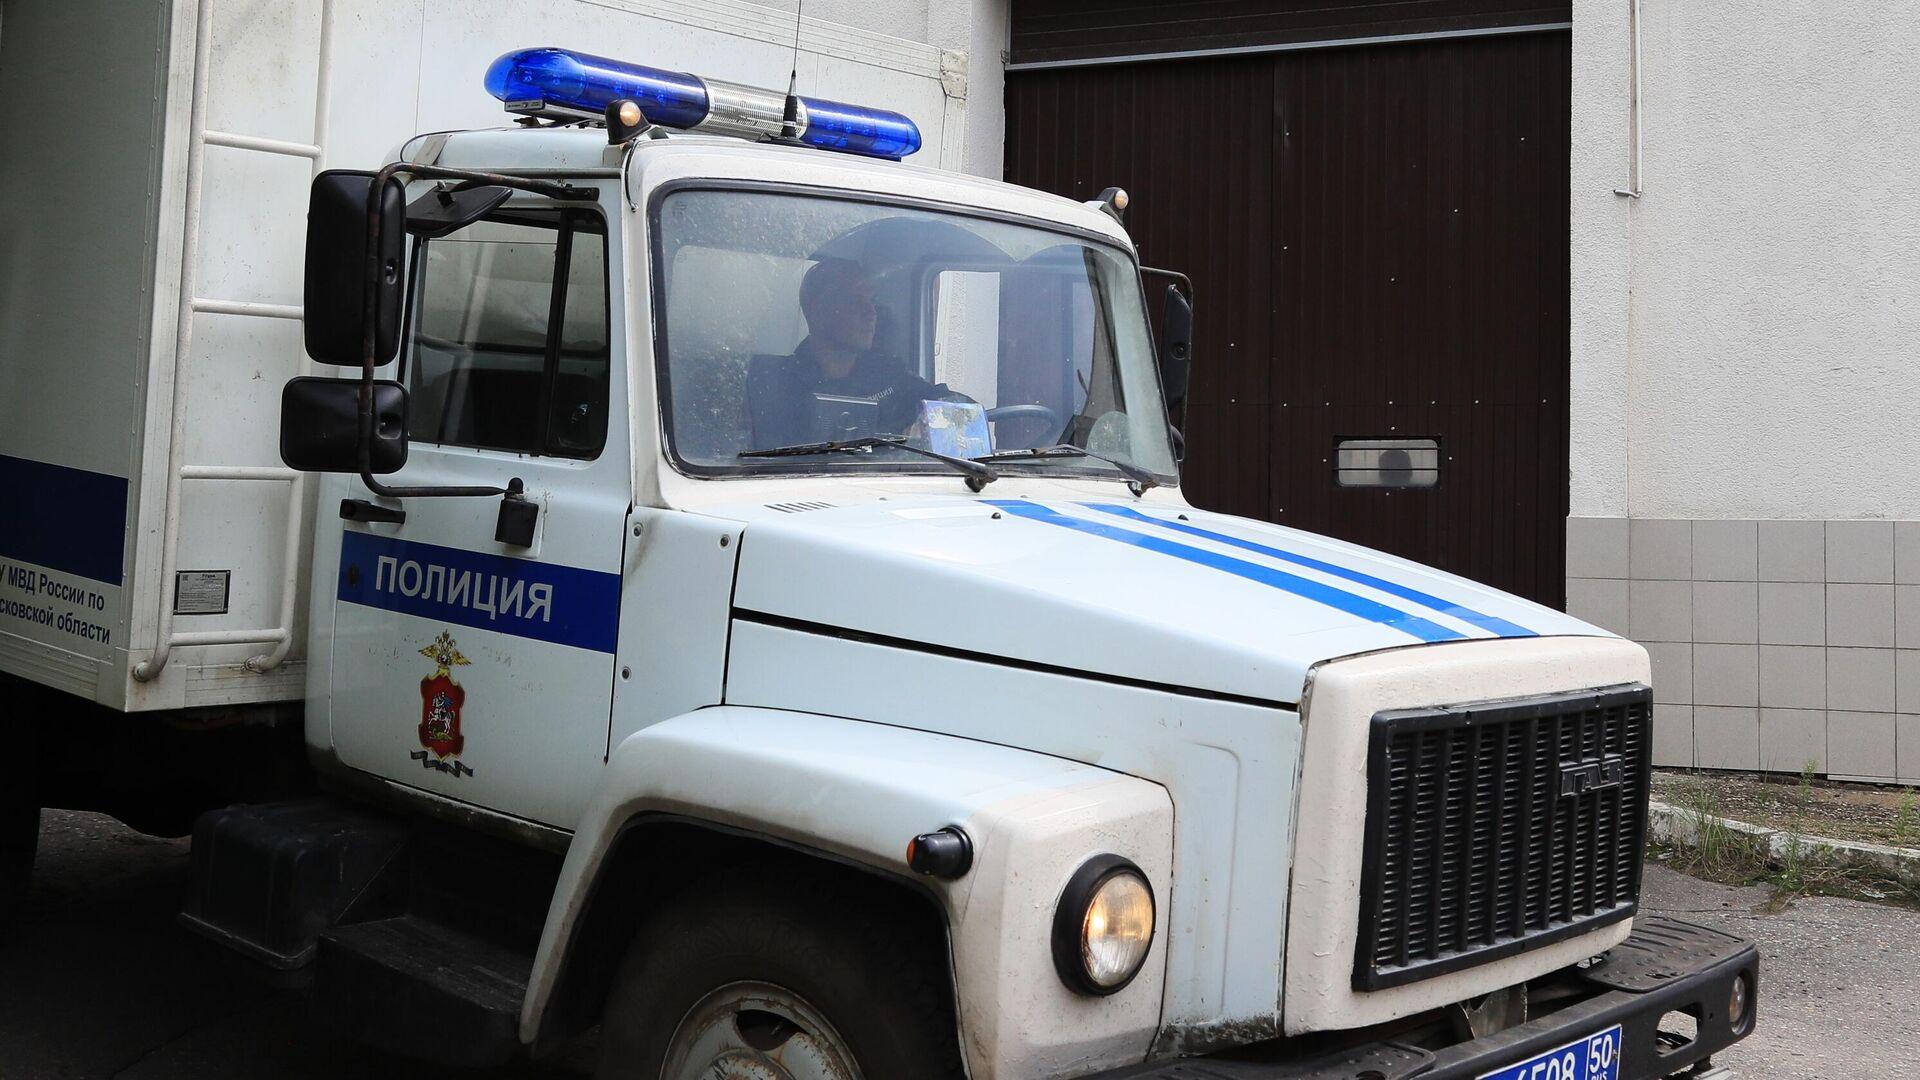 В Москве задержали группировку, продававшую сильнодействующие вещества